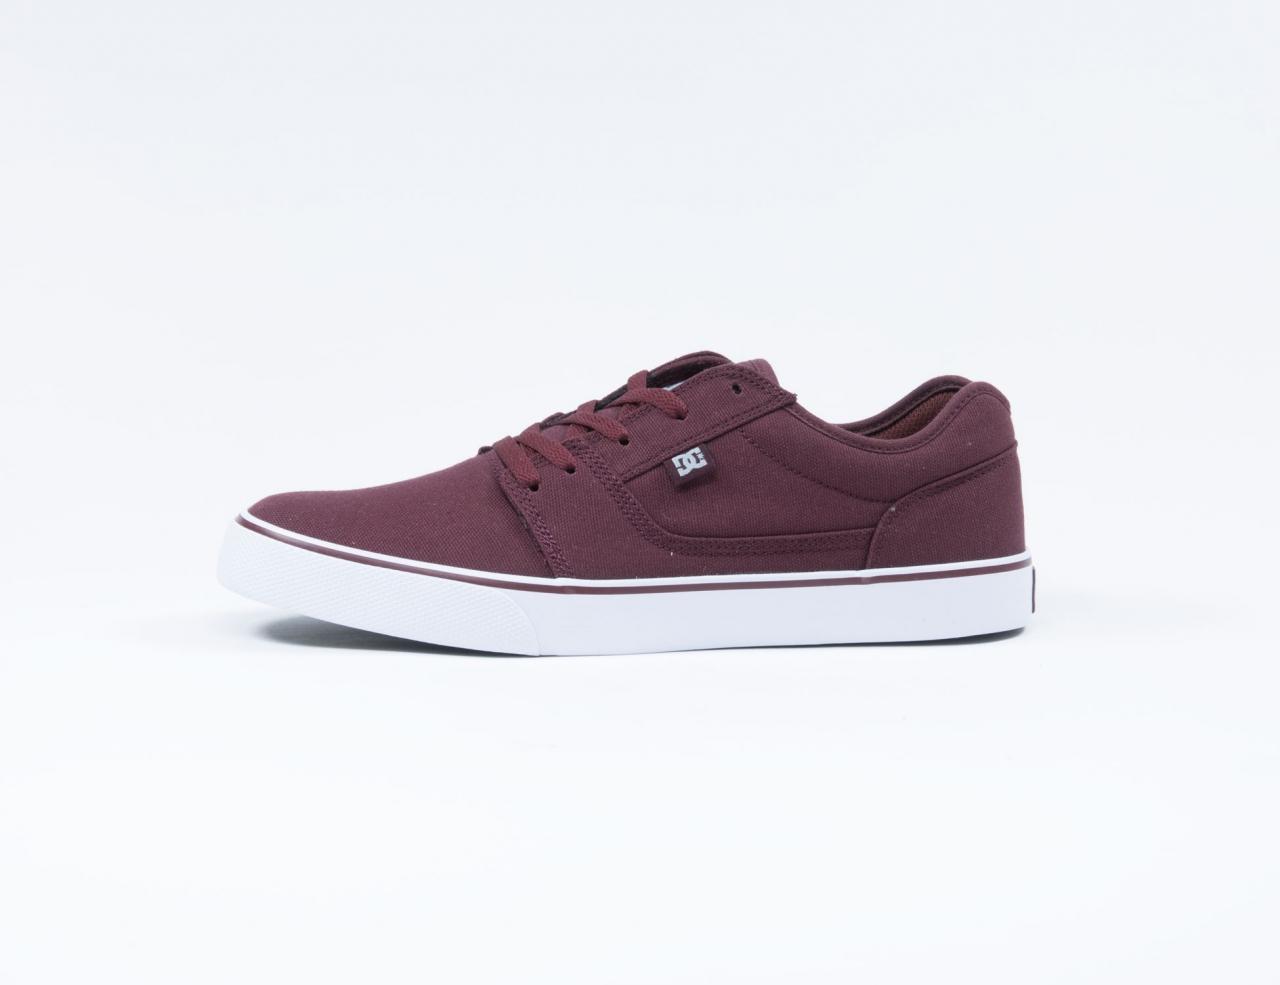 DC Shoes Tonik TX Sneaker - Burgundy